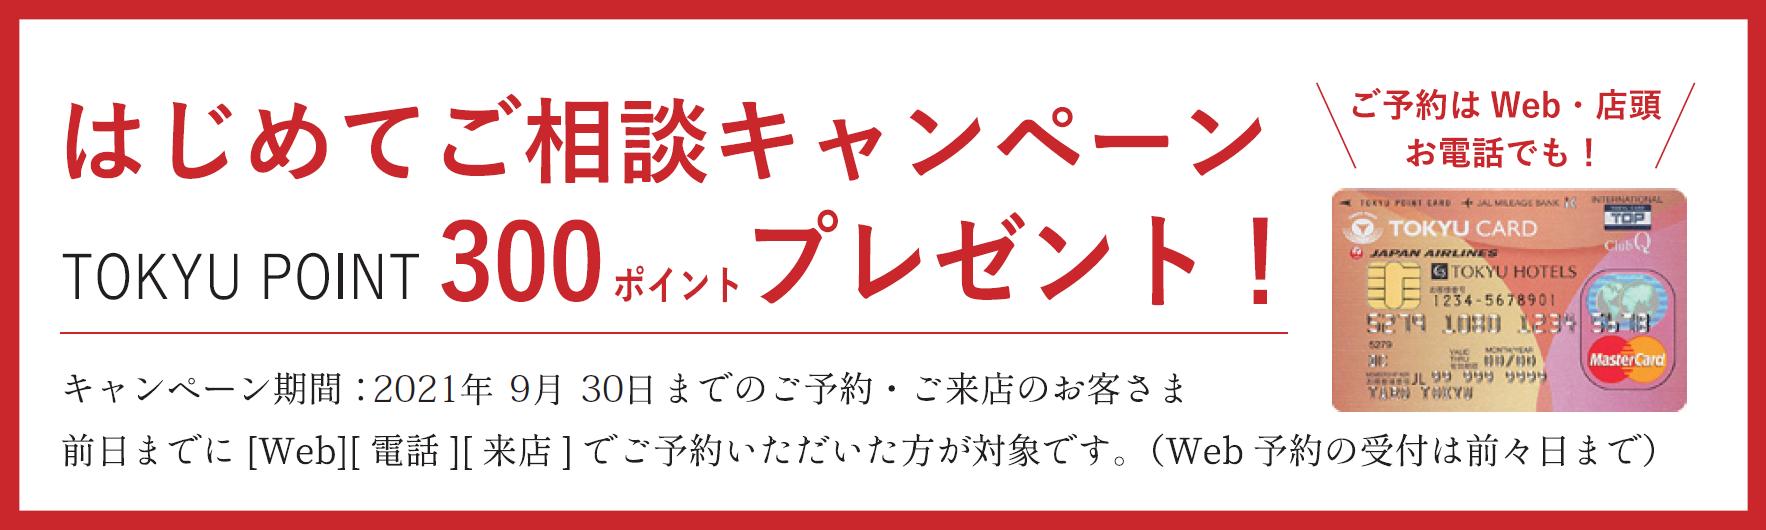  好評開催中 はじめてご相談キャンペーンTOKYU POINT 300ポイントプレゼント!